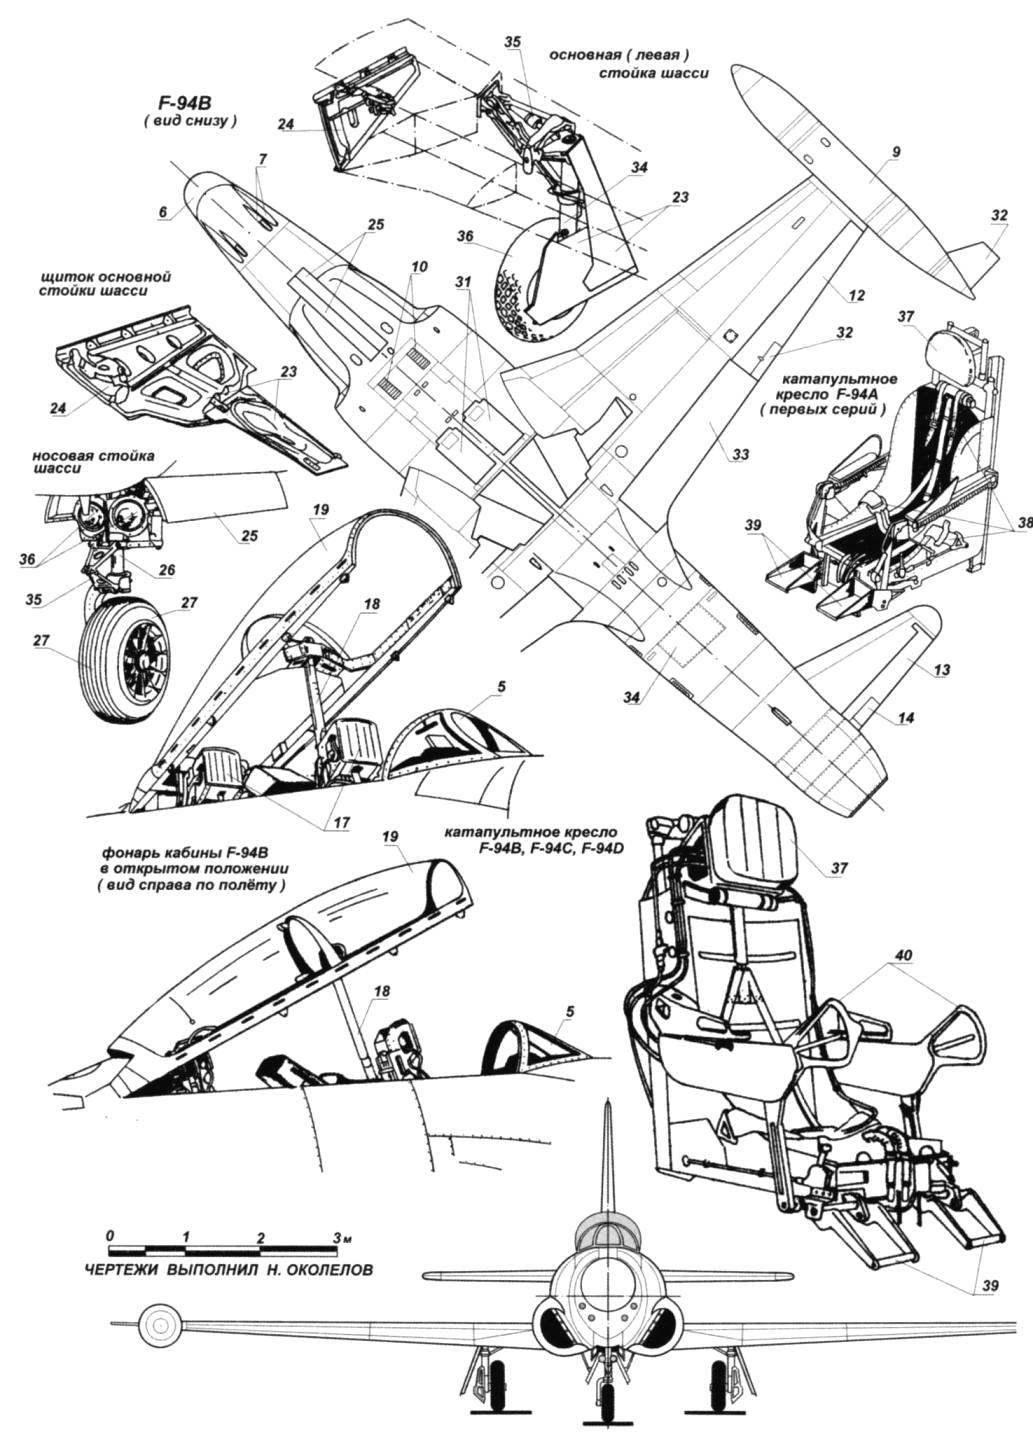 Обозначения к чертежу F-94